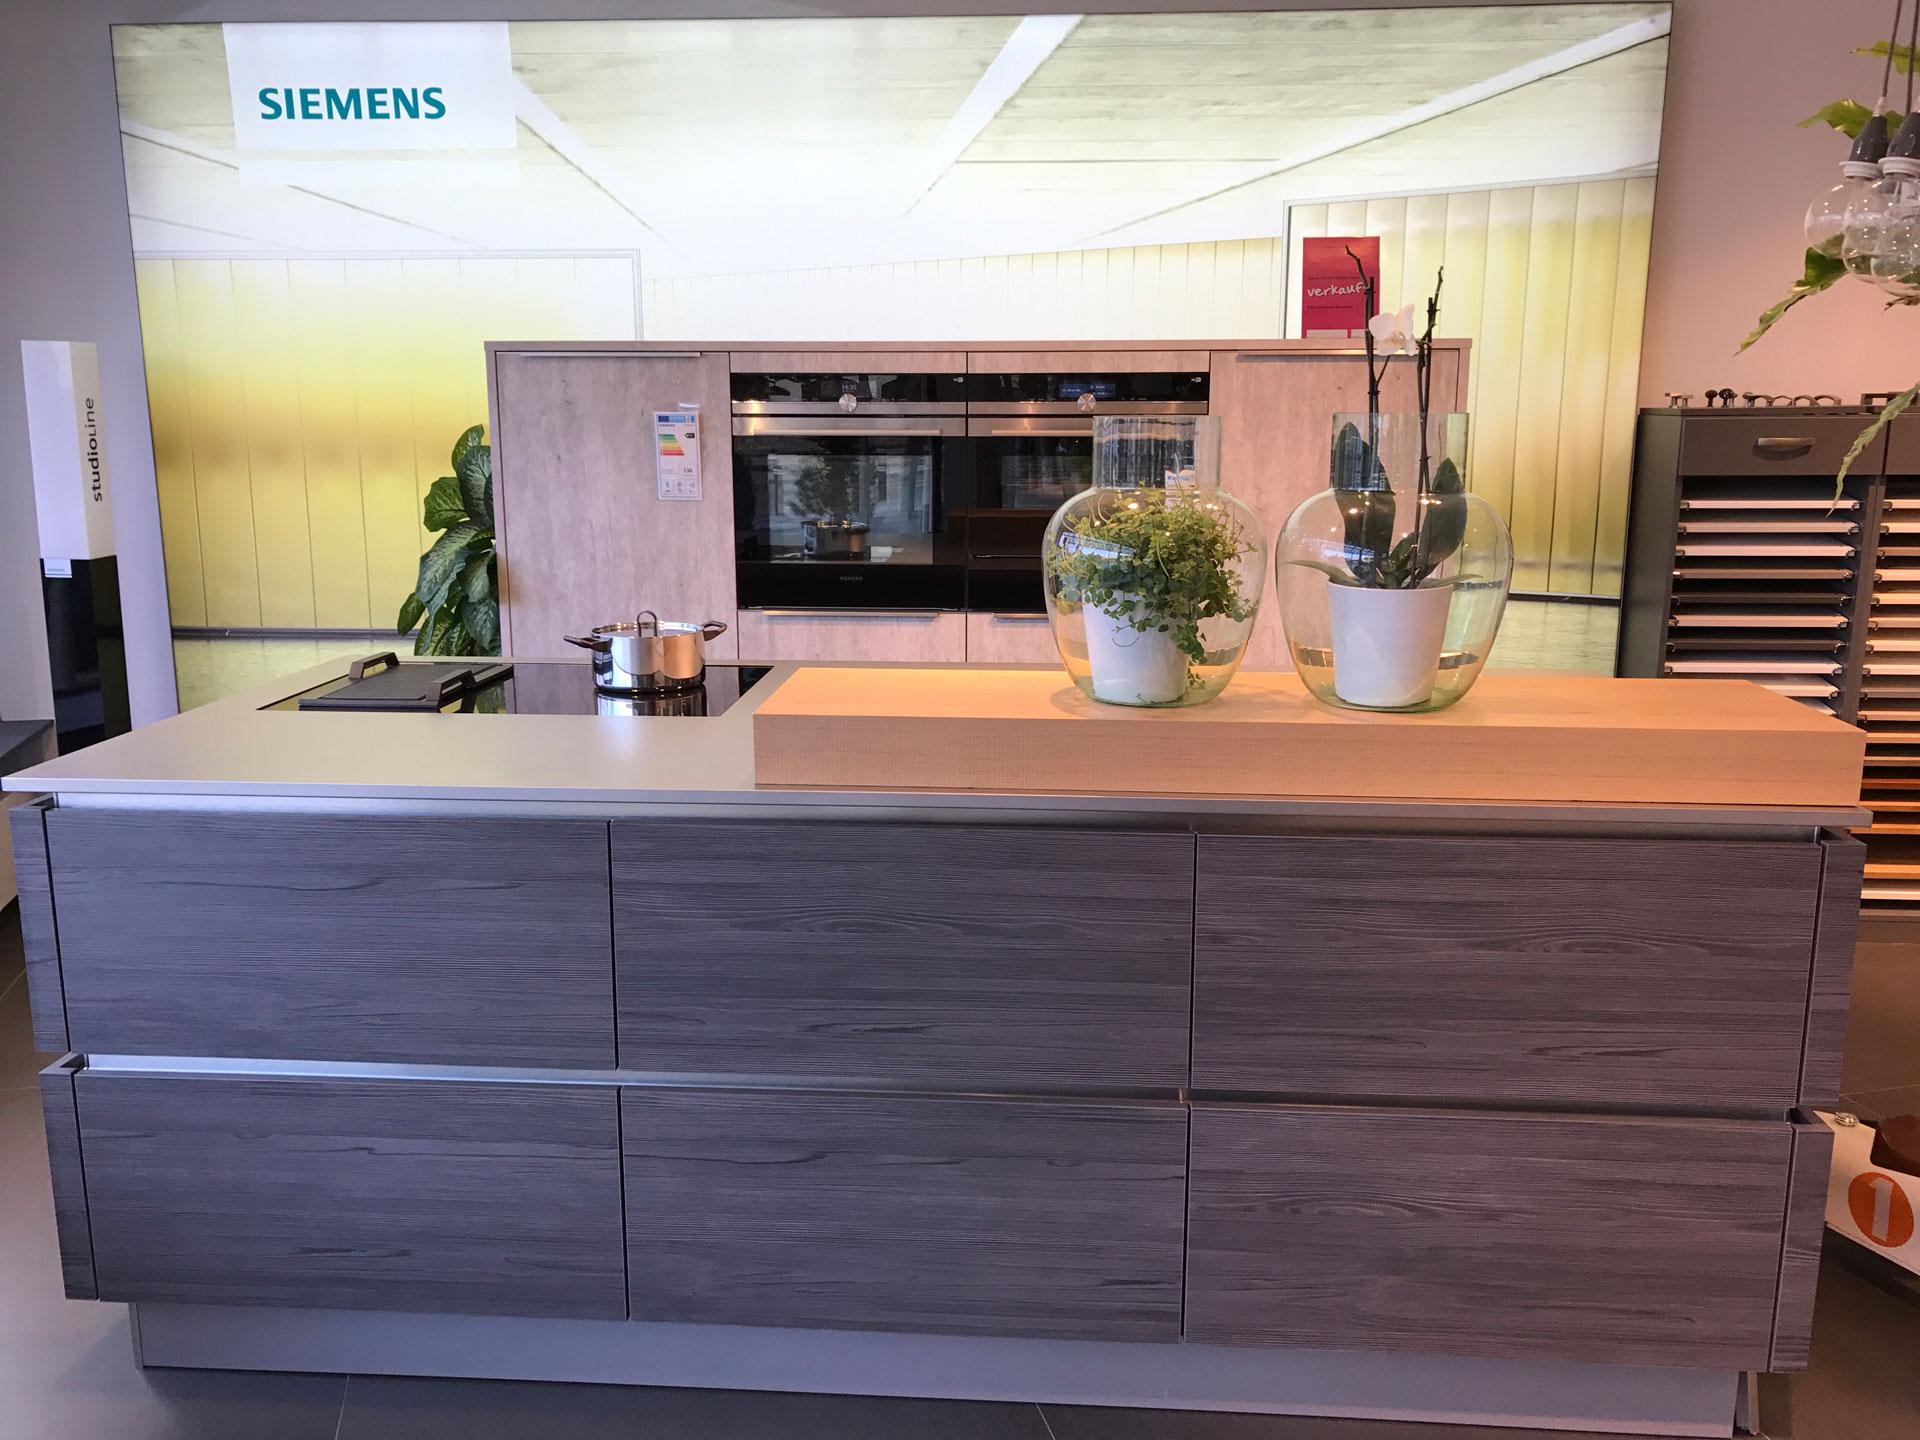 Küchenstudio Weilheim küchenstudio landsberg am lech küchenstudio starnberg küchenstudio